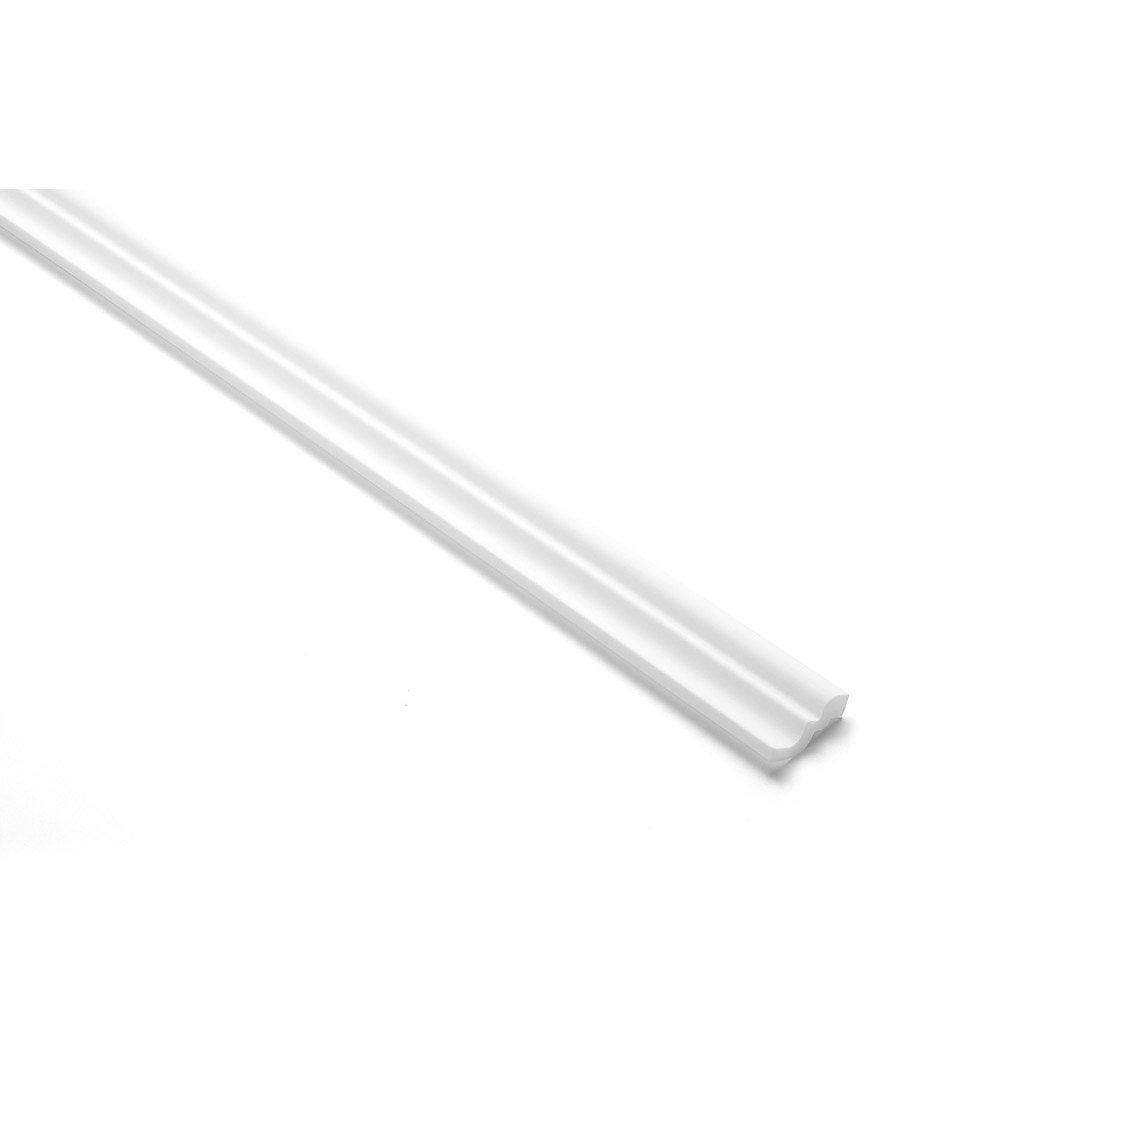 Corniche Polystyrène Pour Led moulure d 13, lot de 2, l.200 x l.5 cm